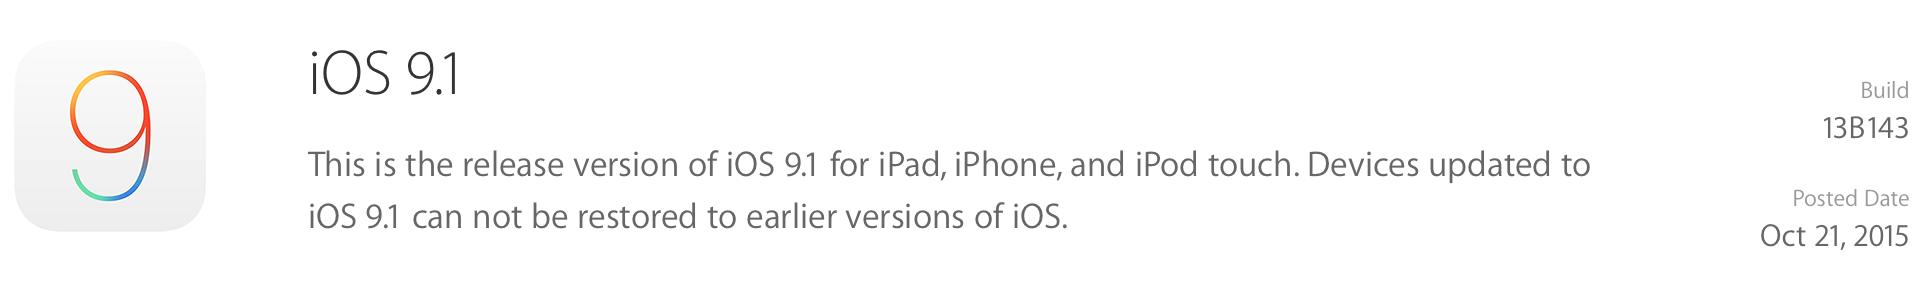 Apple iOS Update Topic-bildschirmfoto-2015-10-21-um-19.13.42.png